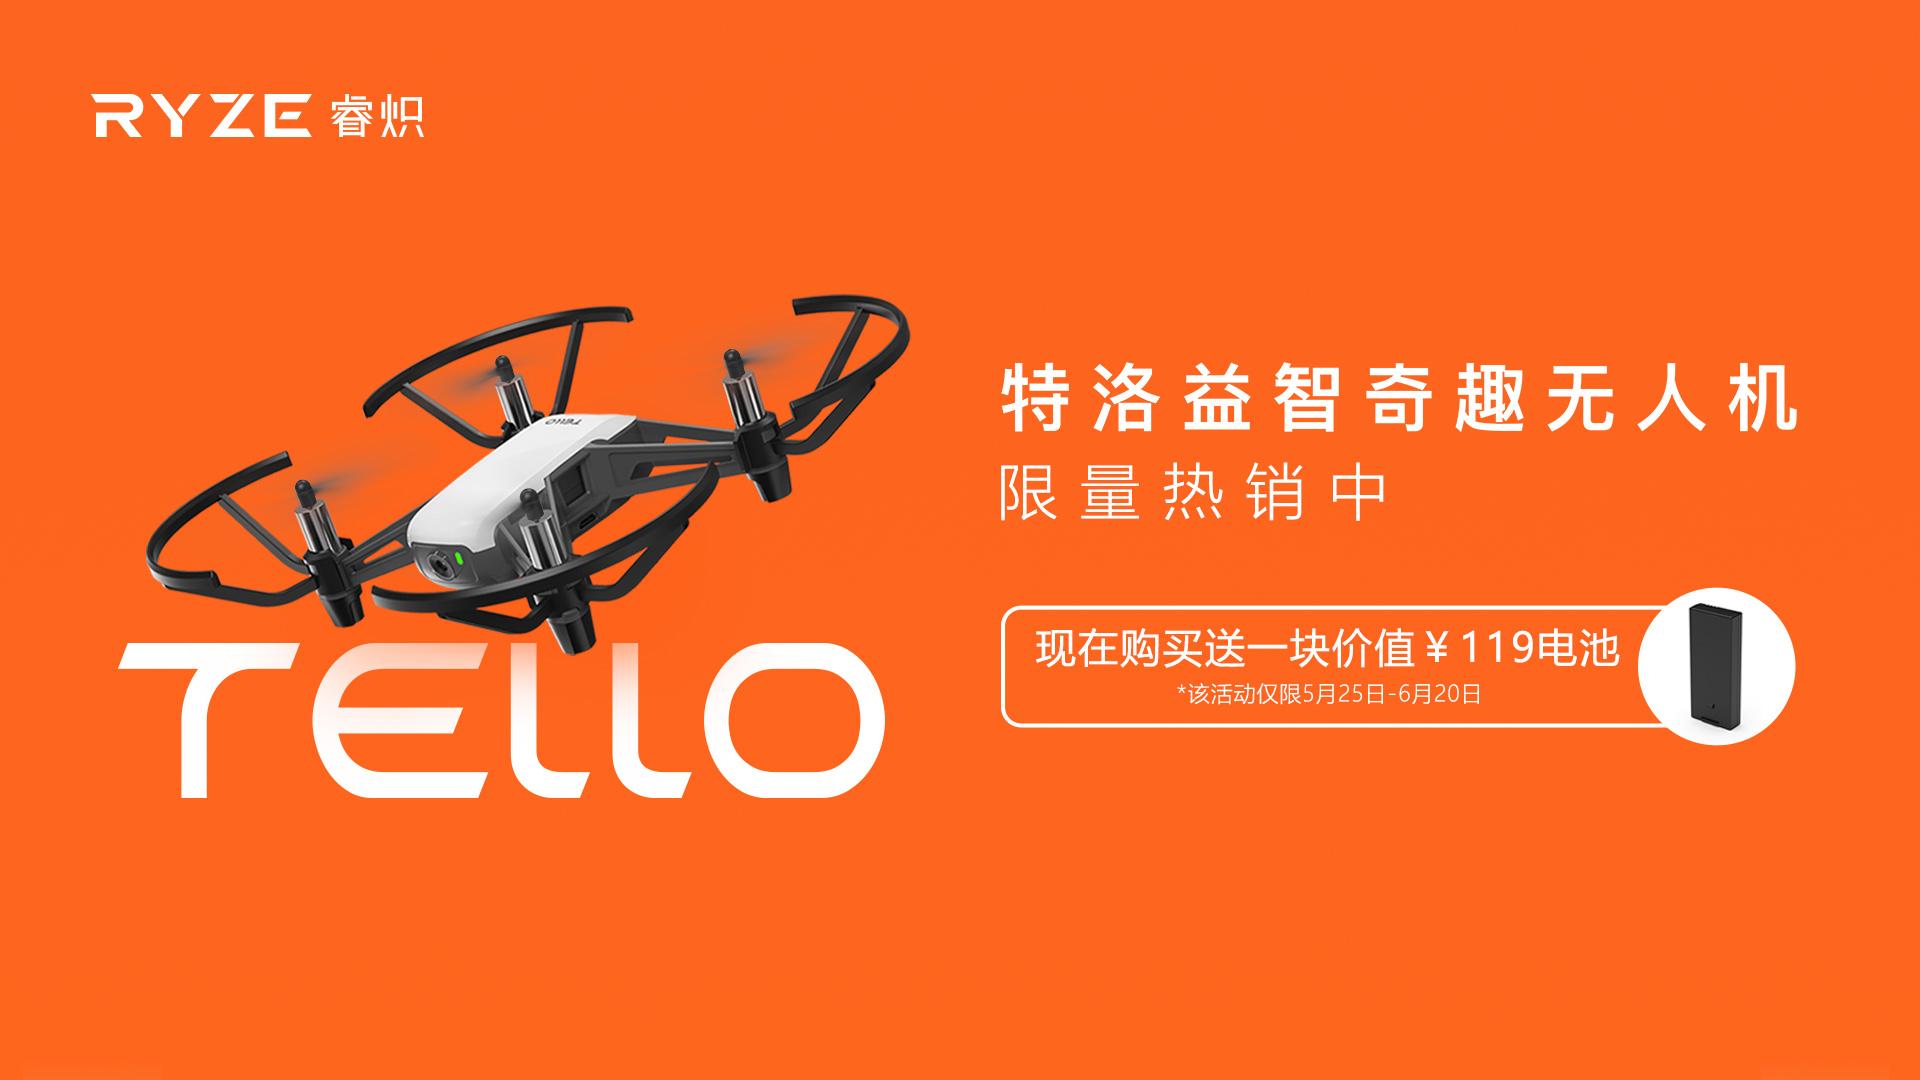 Tello-6月促销banner科技版-1920x1080.jpg